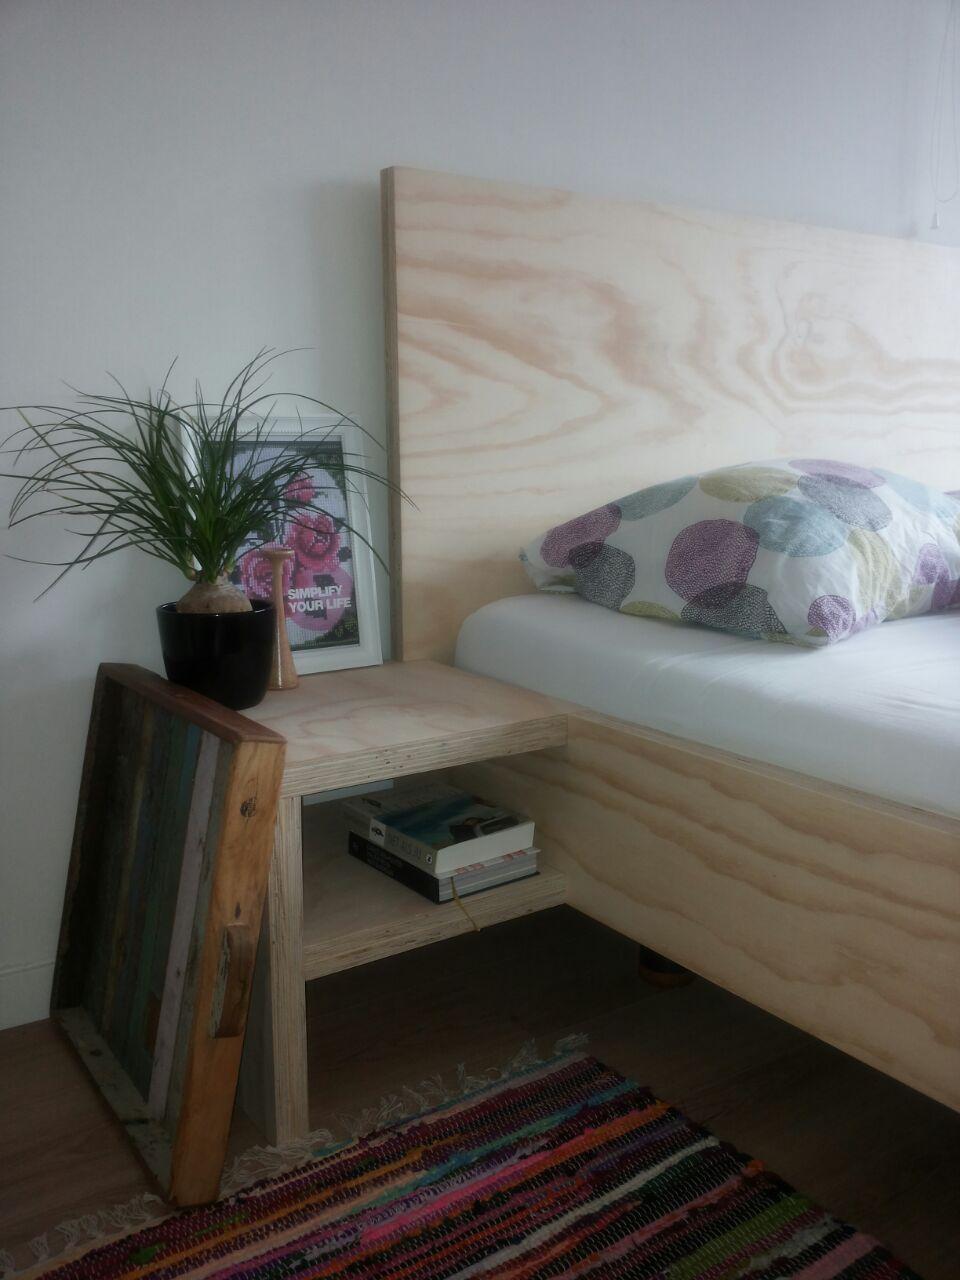 Bedombouw van underlayment plywood eigen ontwerp zonder zichtbare schroeven zeer low budget - Ontwerp bed hoofden ...